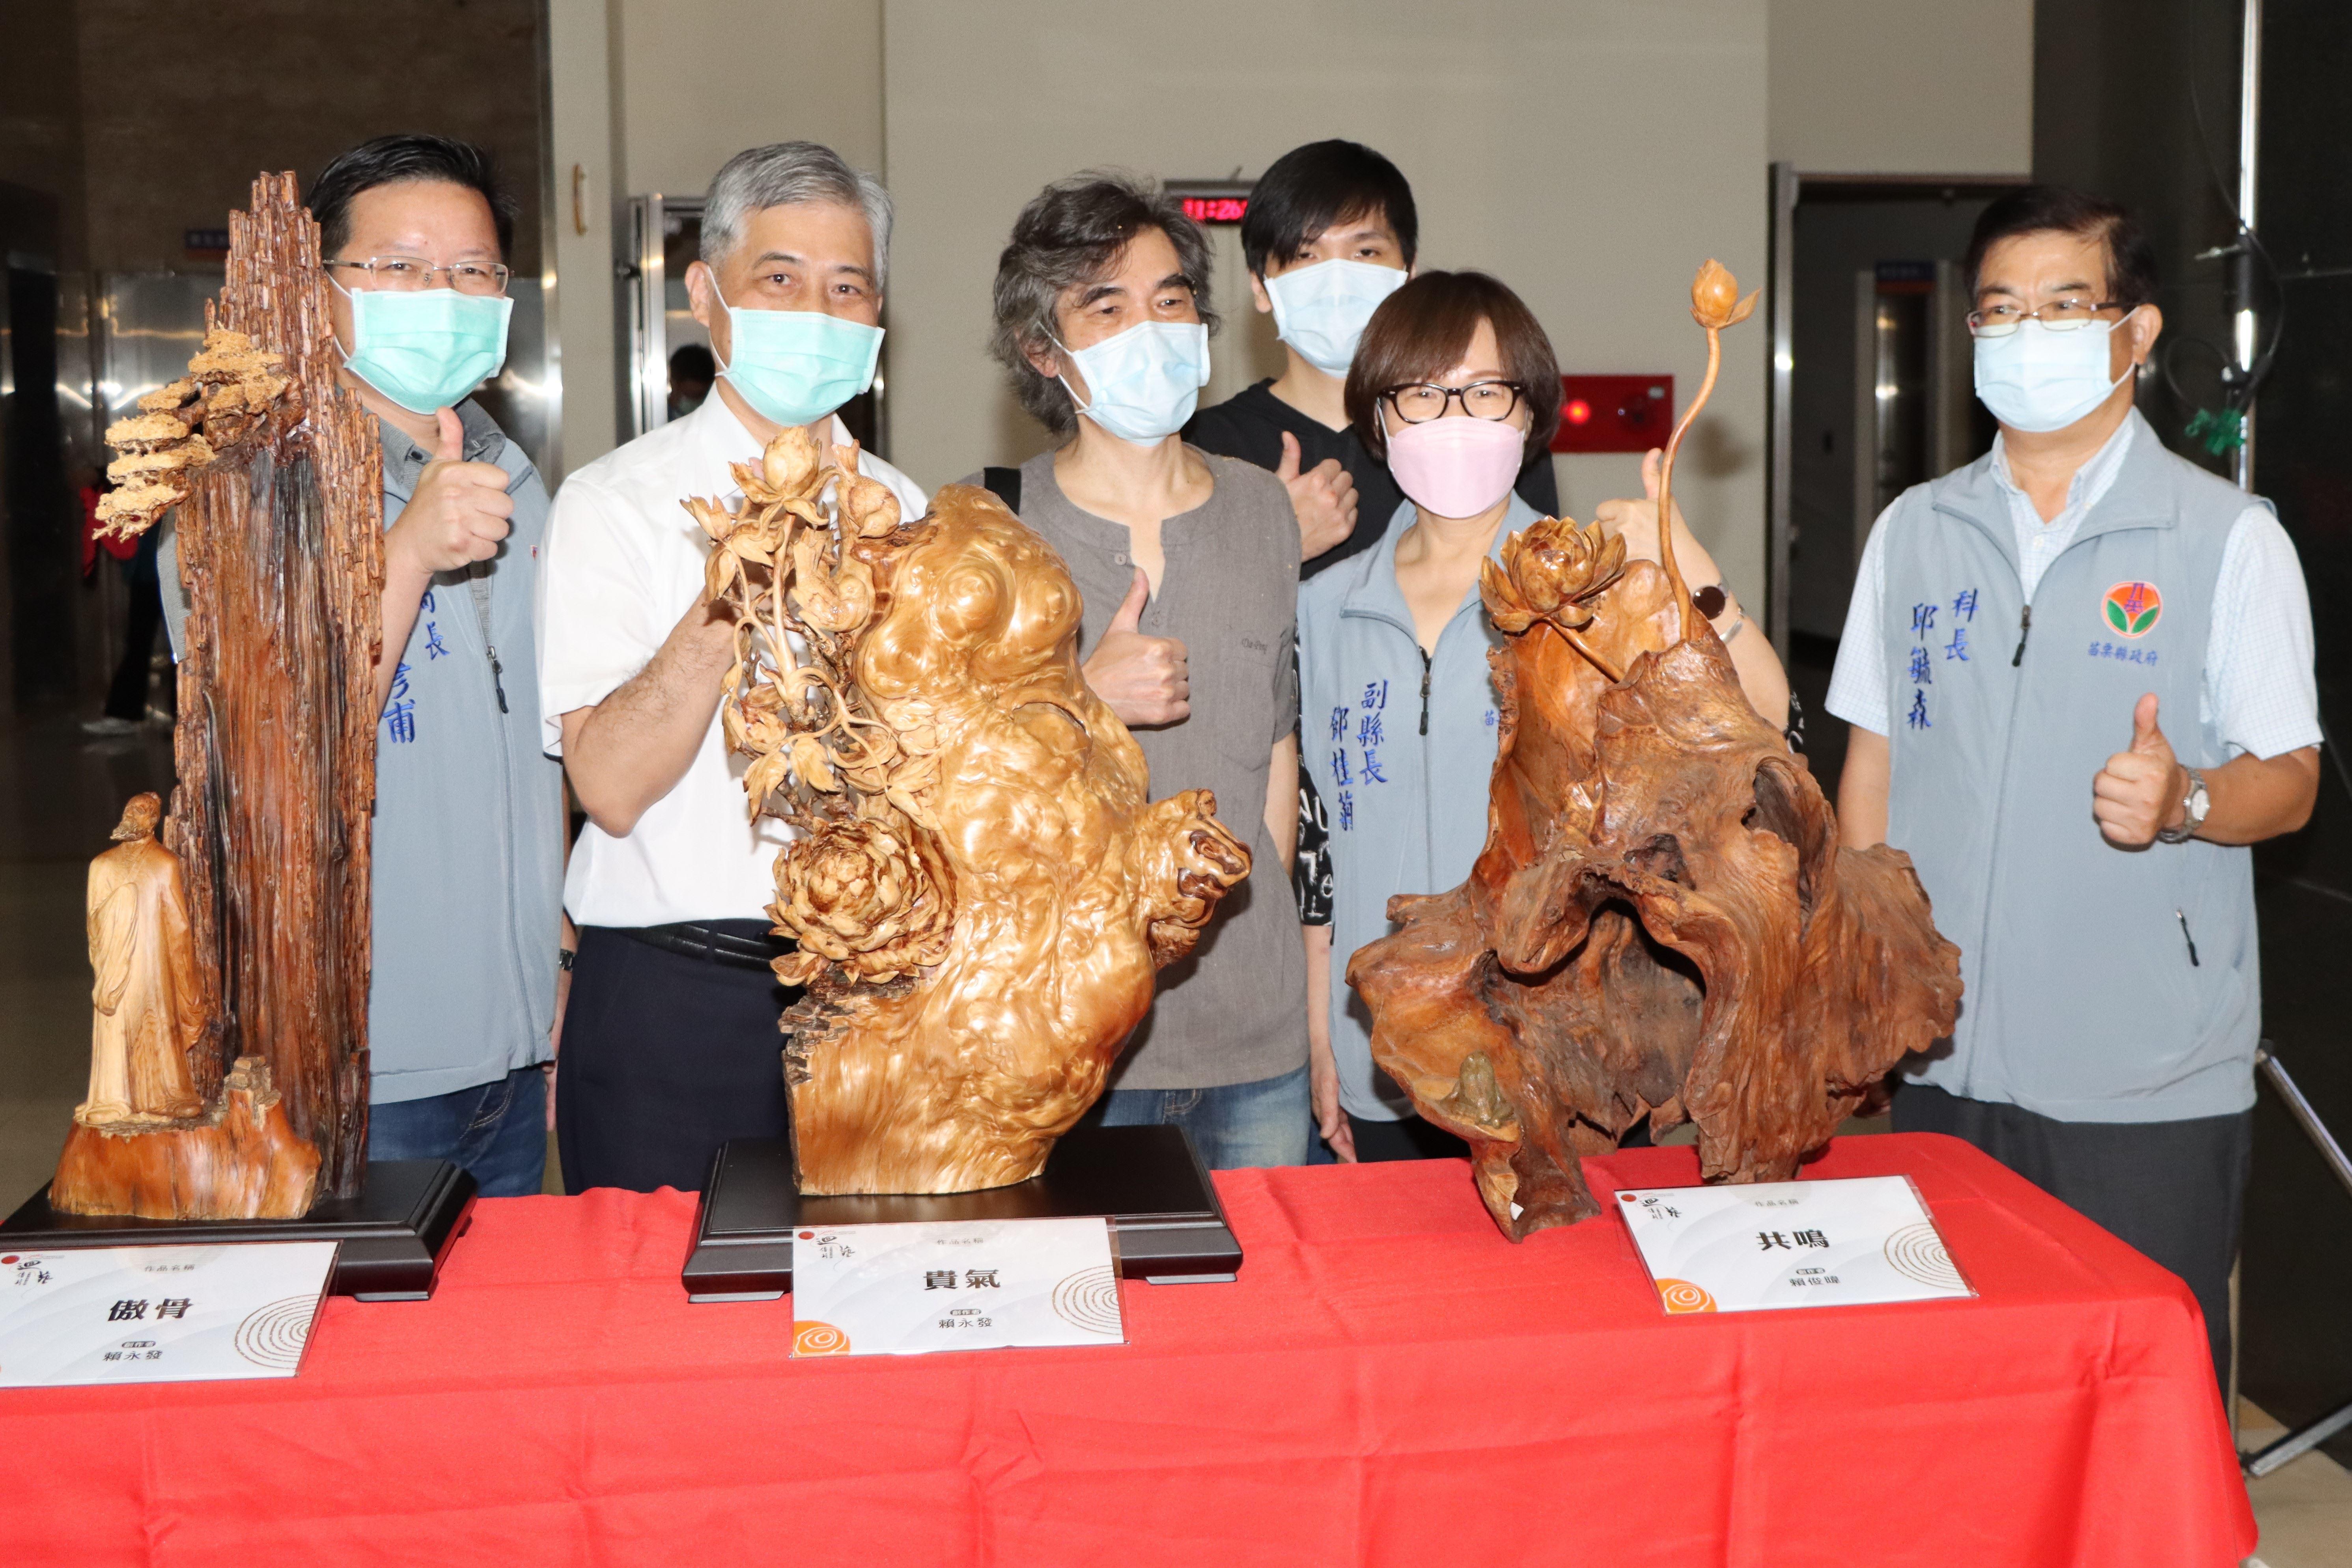 11縣府-三義木雕藝術節系列活動將於雙十連假登場IMG_2185